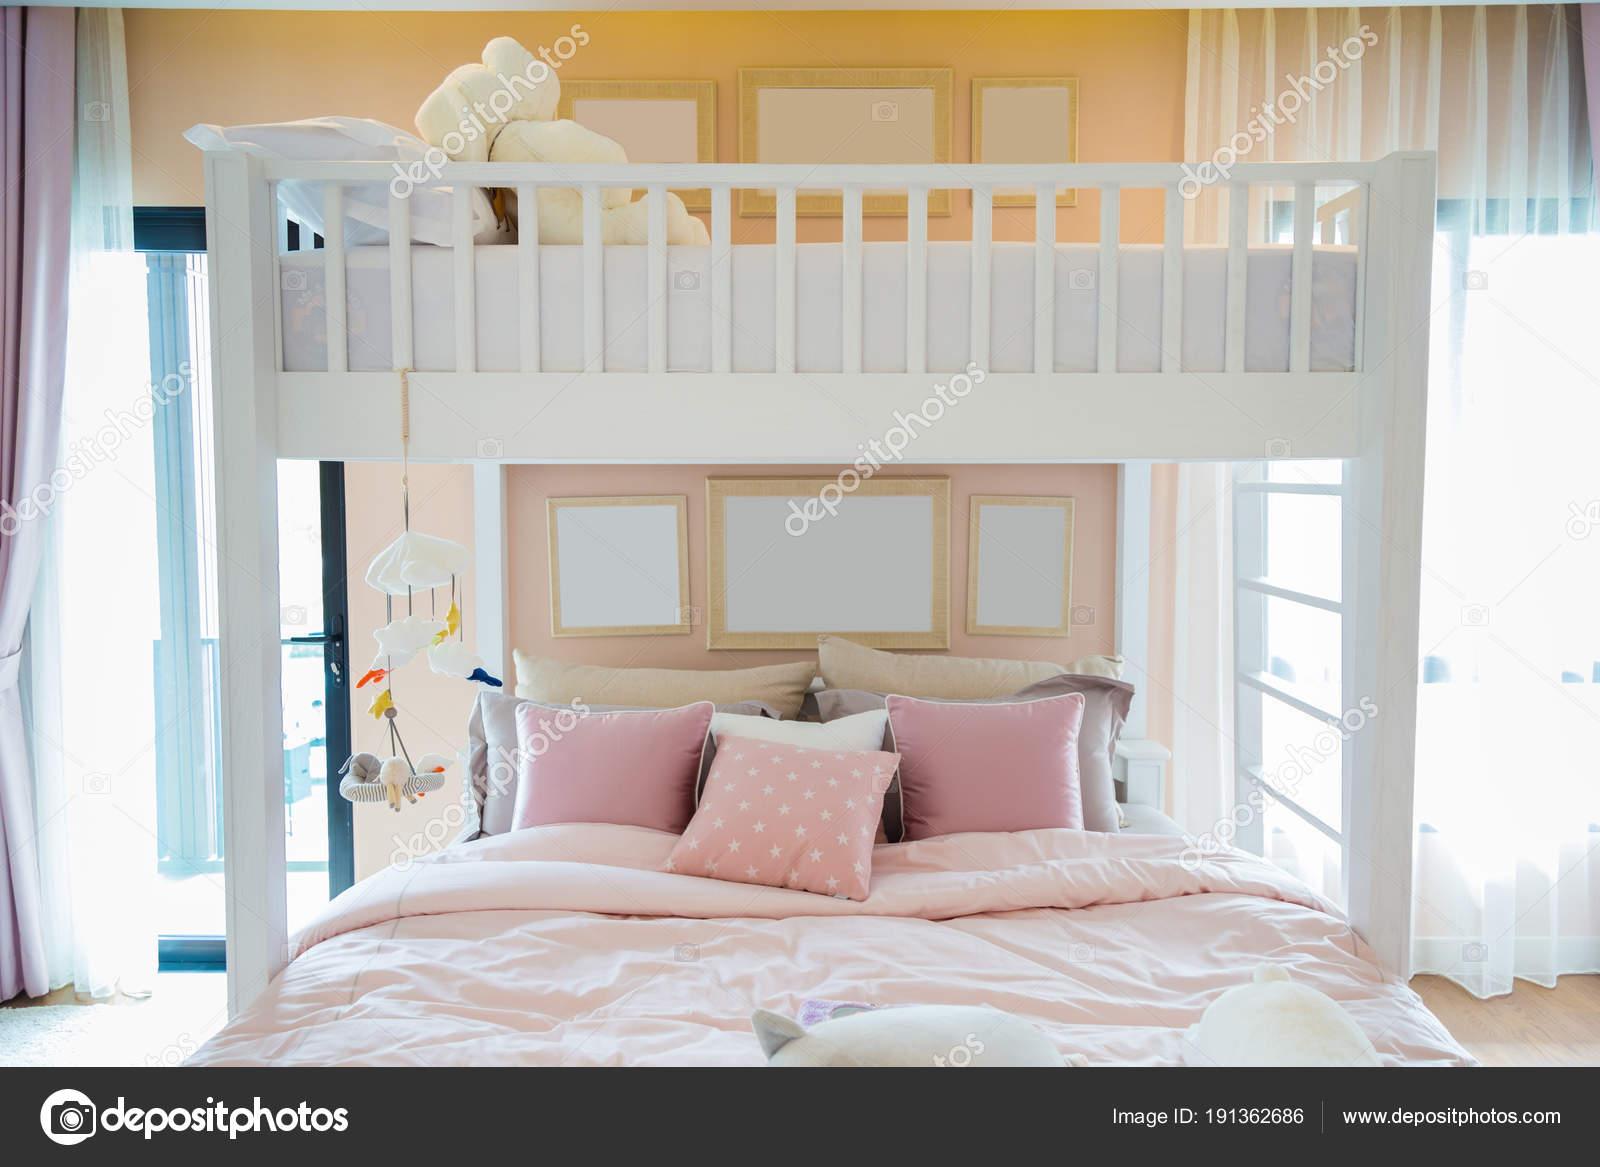 Etagenbett Holz Weiß : Ein weißes holz etagenbett mit einem rosa kissen und frames an wand